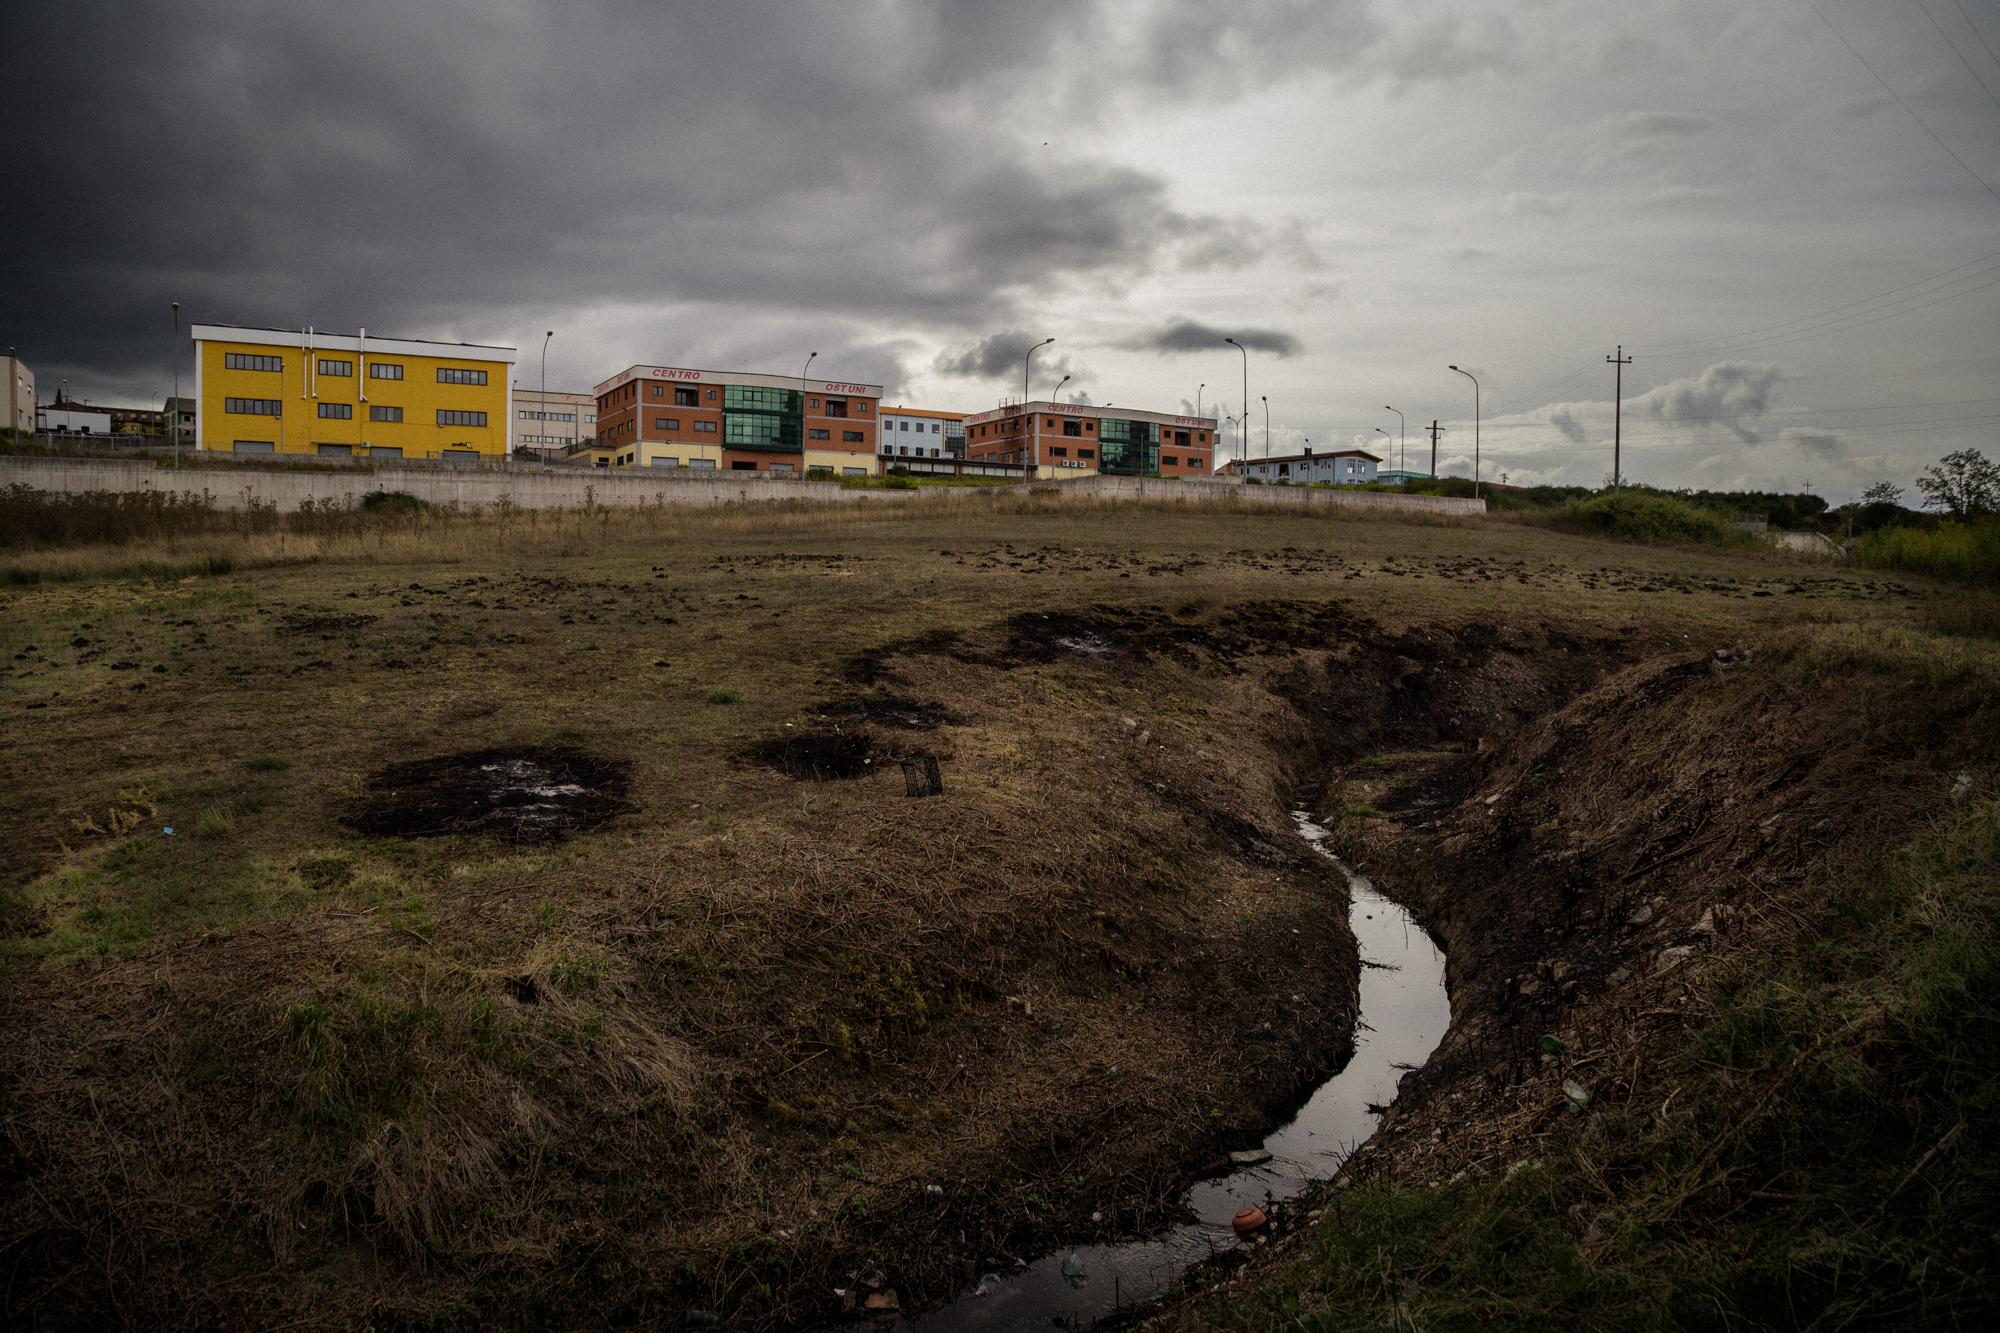 Dalle analisi effettuate sull'acqua per disposizione del P.M. H.J. Woodcock del Tribunale di Potenza, è emerso un superamento dei valori di metalli pesanti nella falda sottostante sia all'area S.I.N. che a quella industriale. Tito (Zona Industriale), Settembre 2015